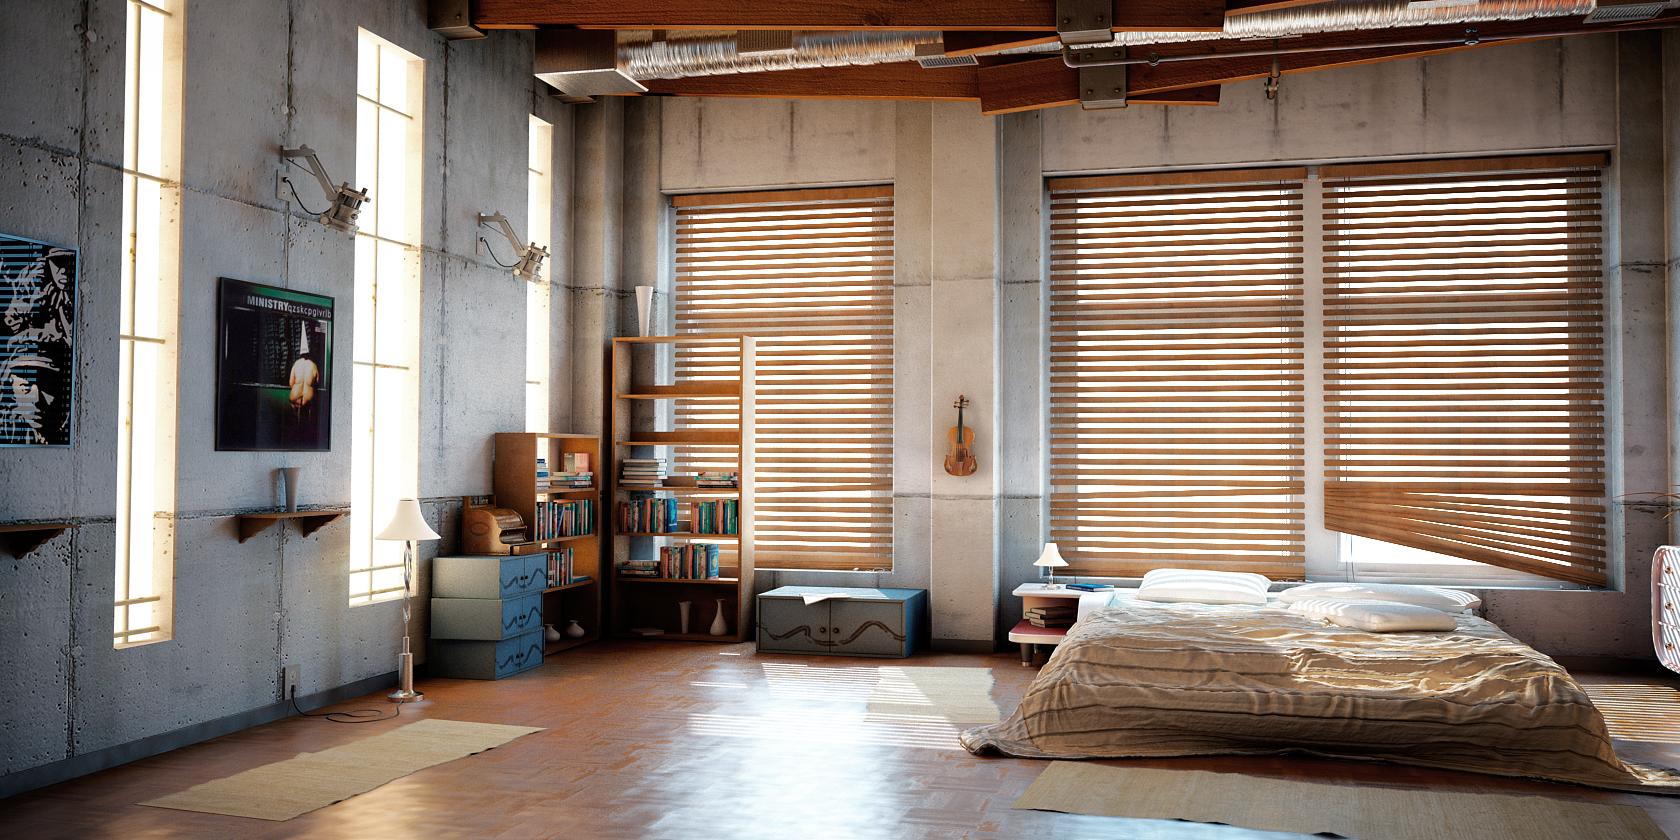 Decoracion de interiores - Fotos de lofts decorados ...